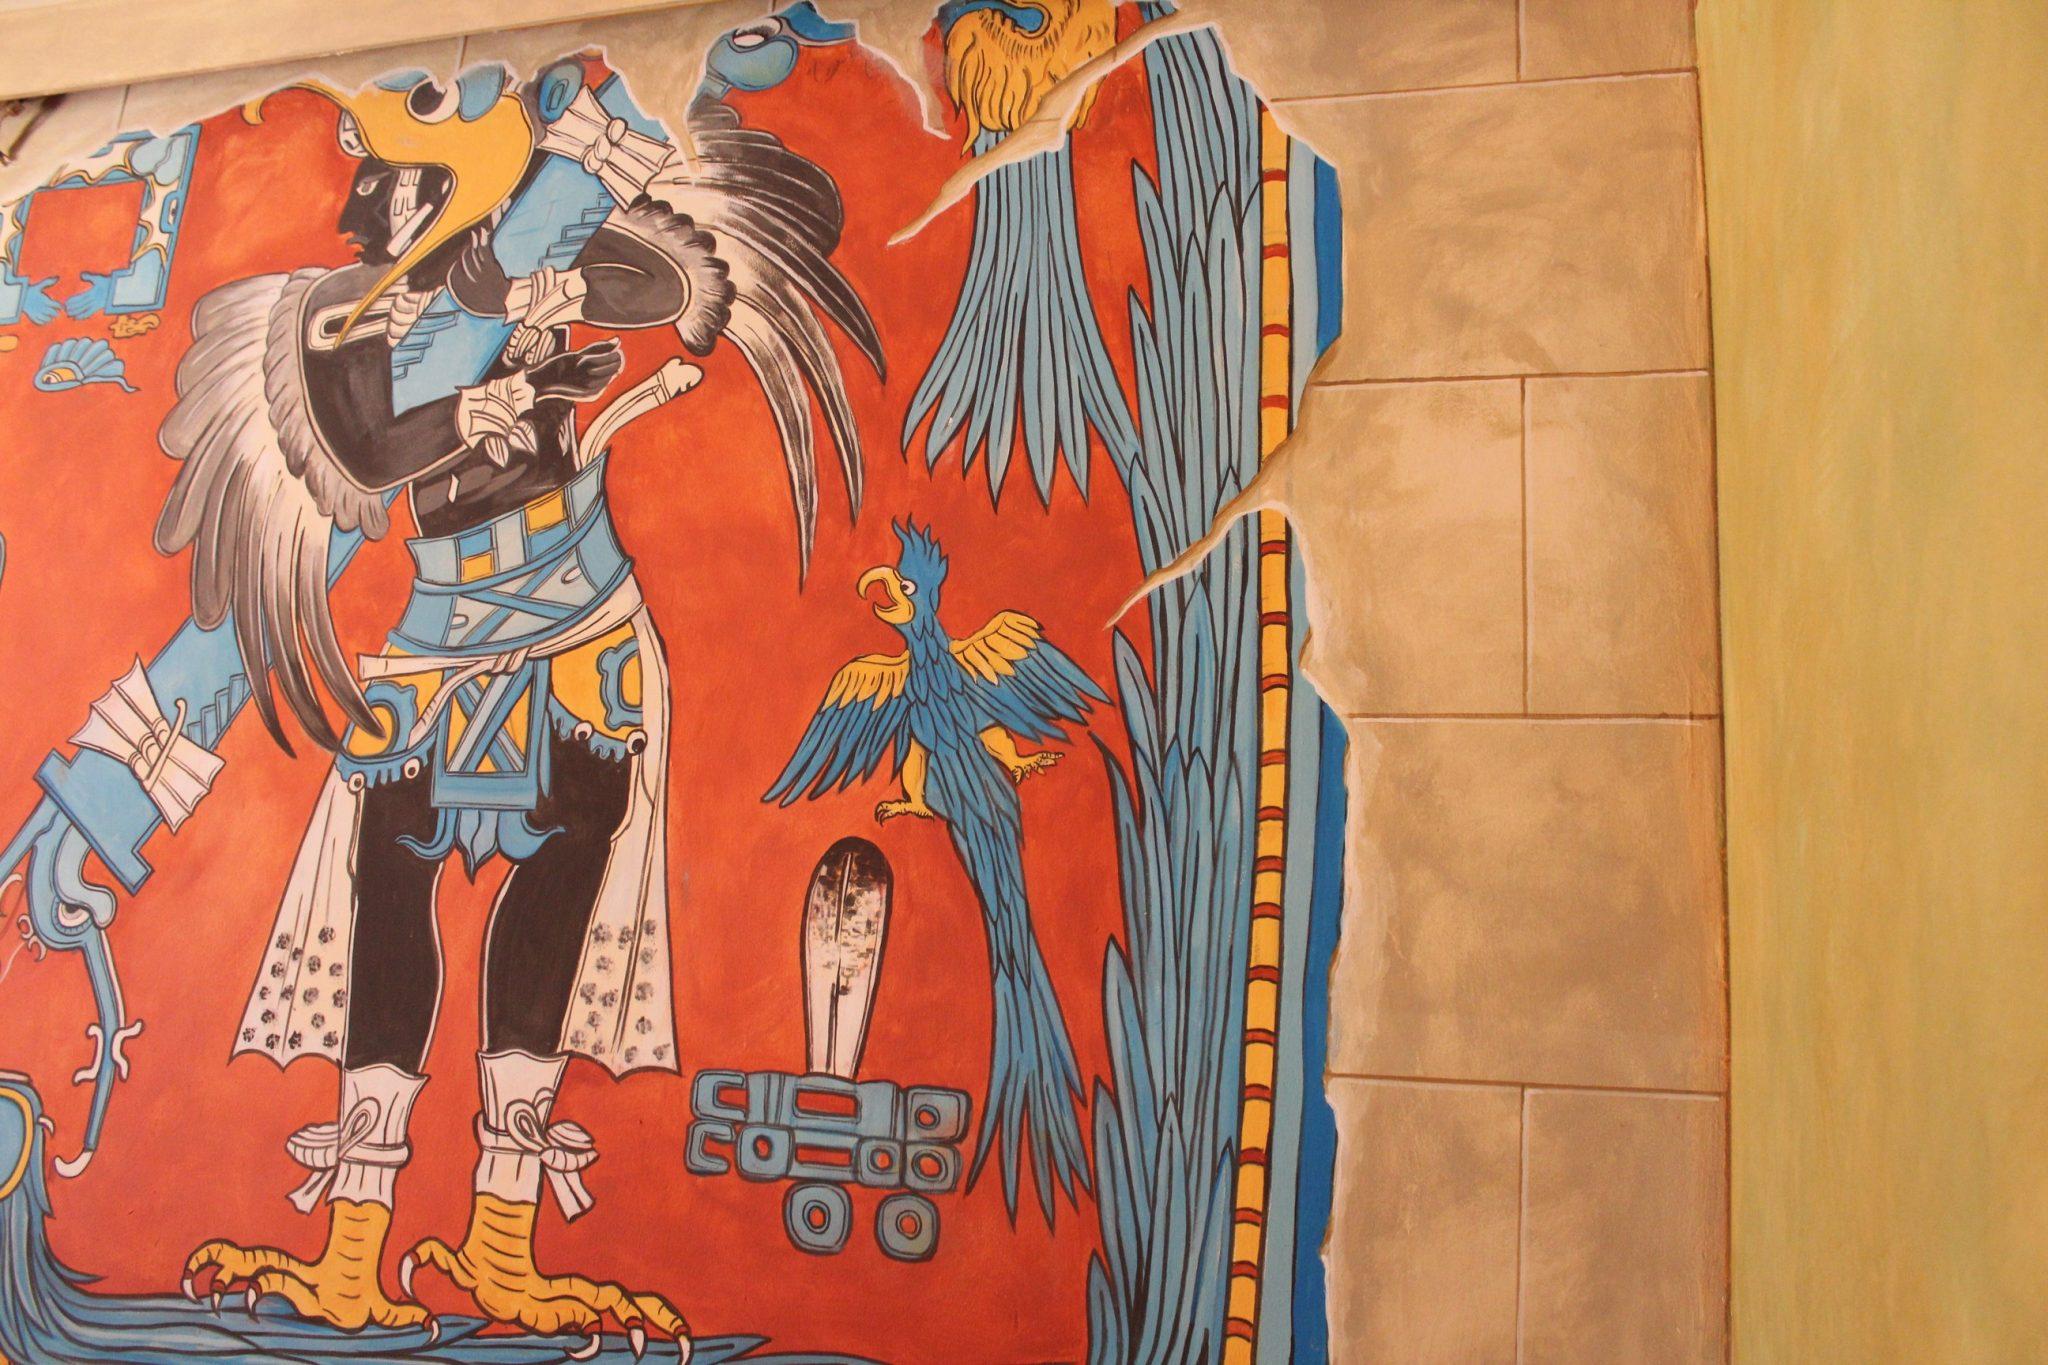 Dekorative Wandmalerei im Stile aztekischer Malerei.